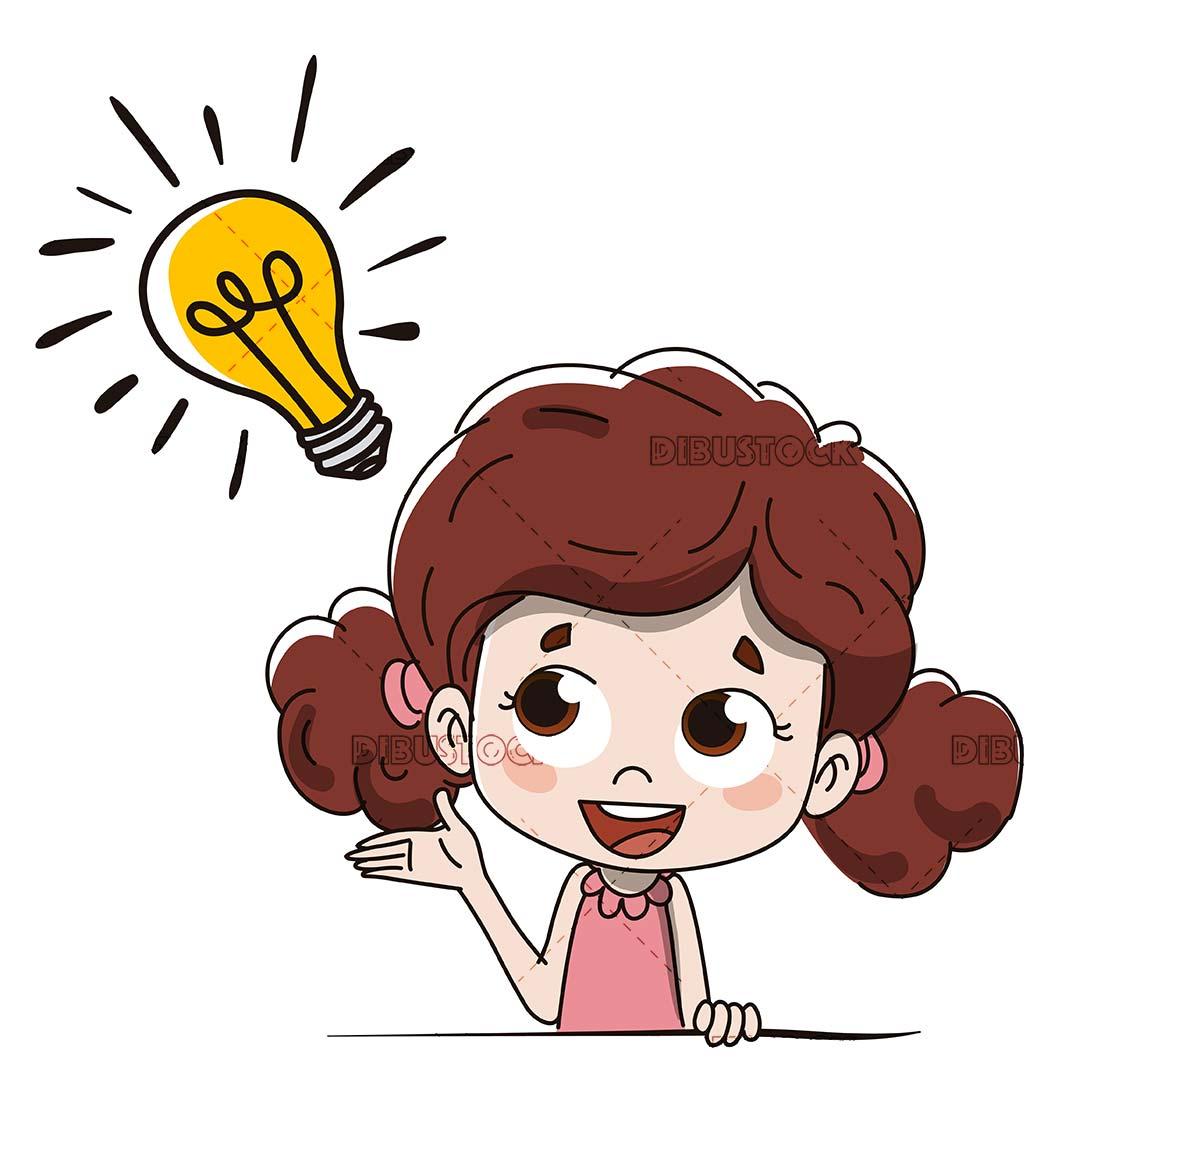 Little girl with an idea